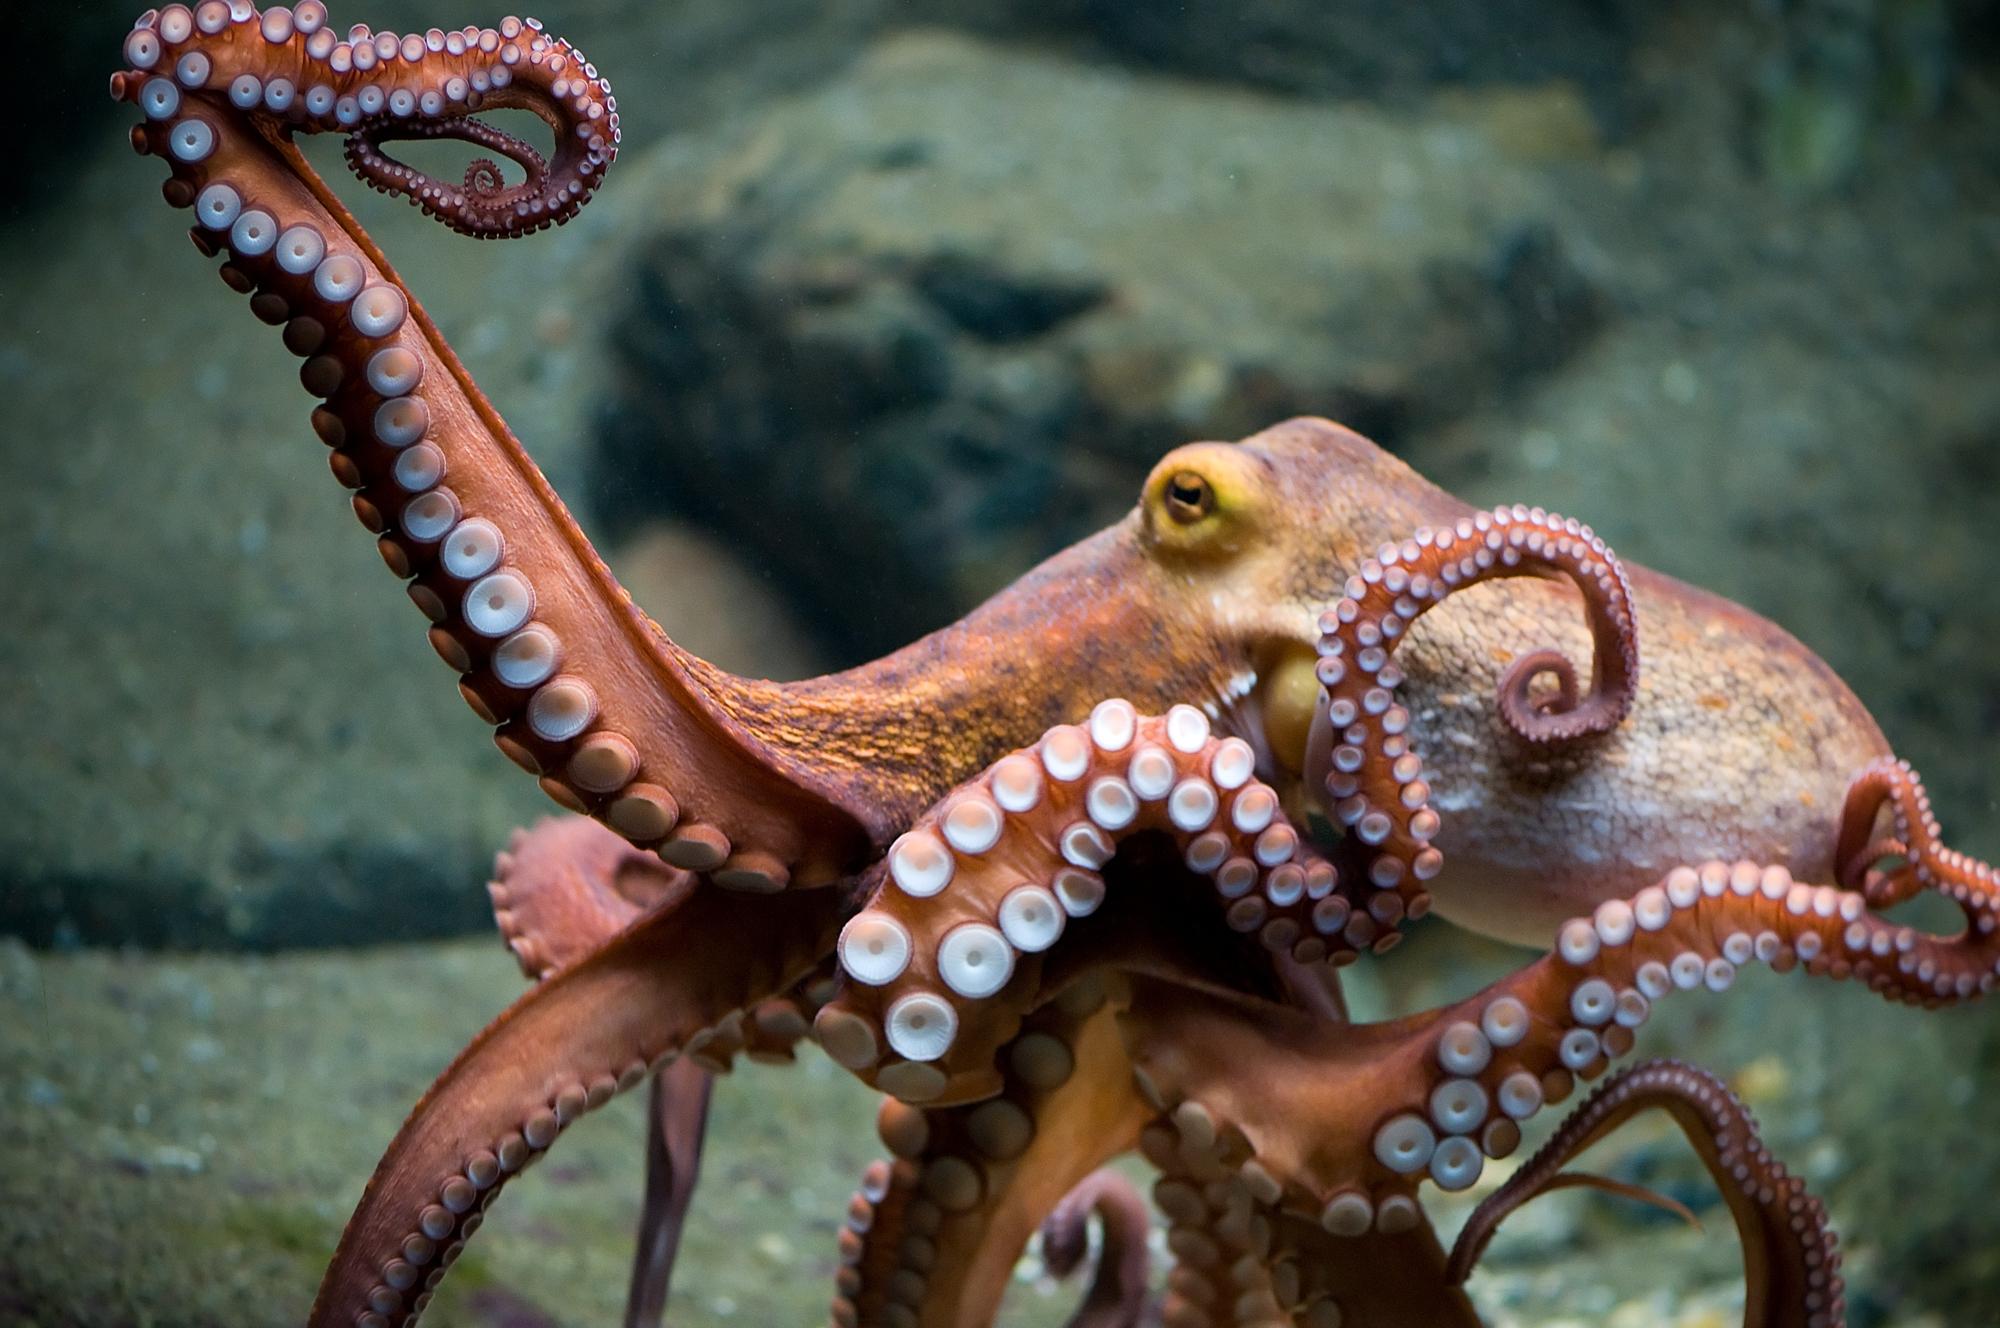 Octopus Wallpapers Hd